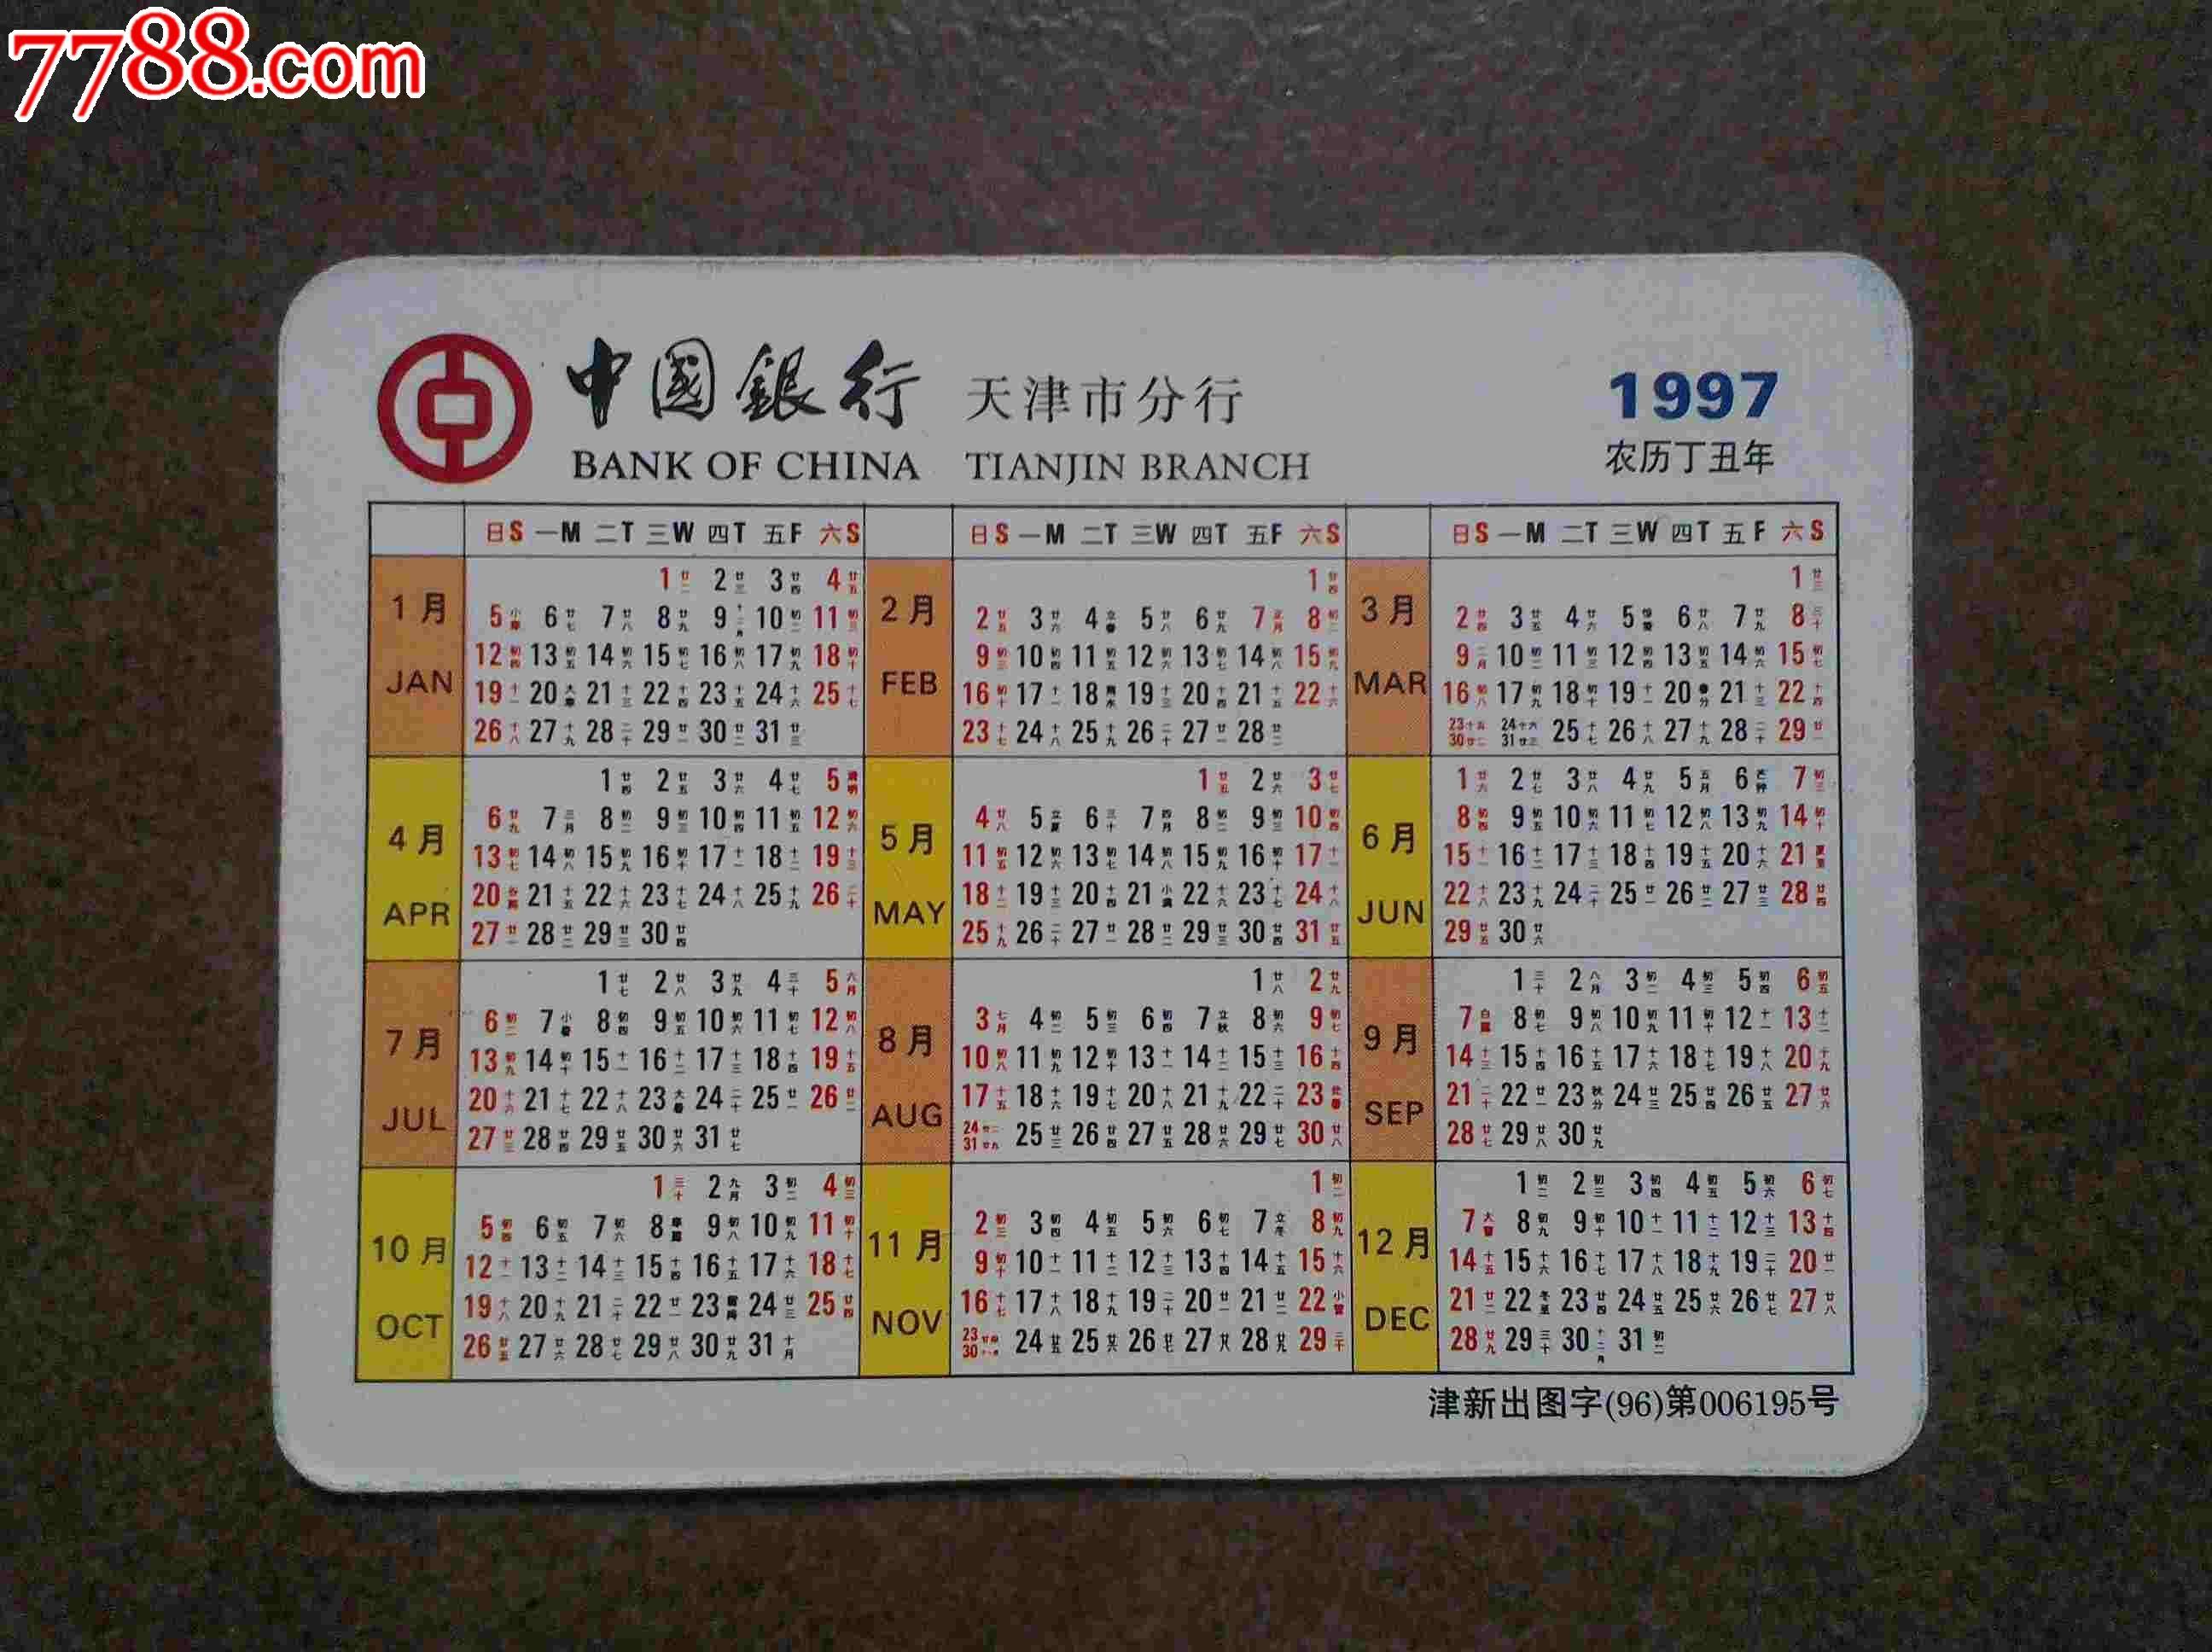 97年日历表_1997年中国银行天津分行年历片